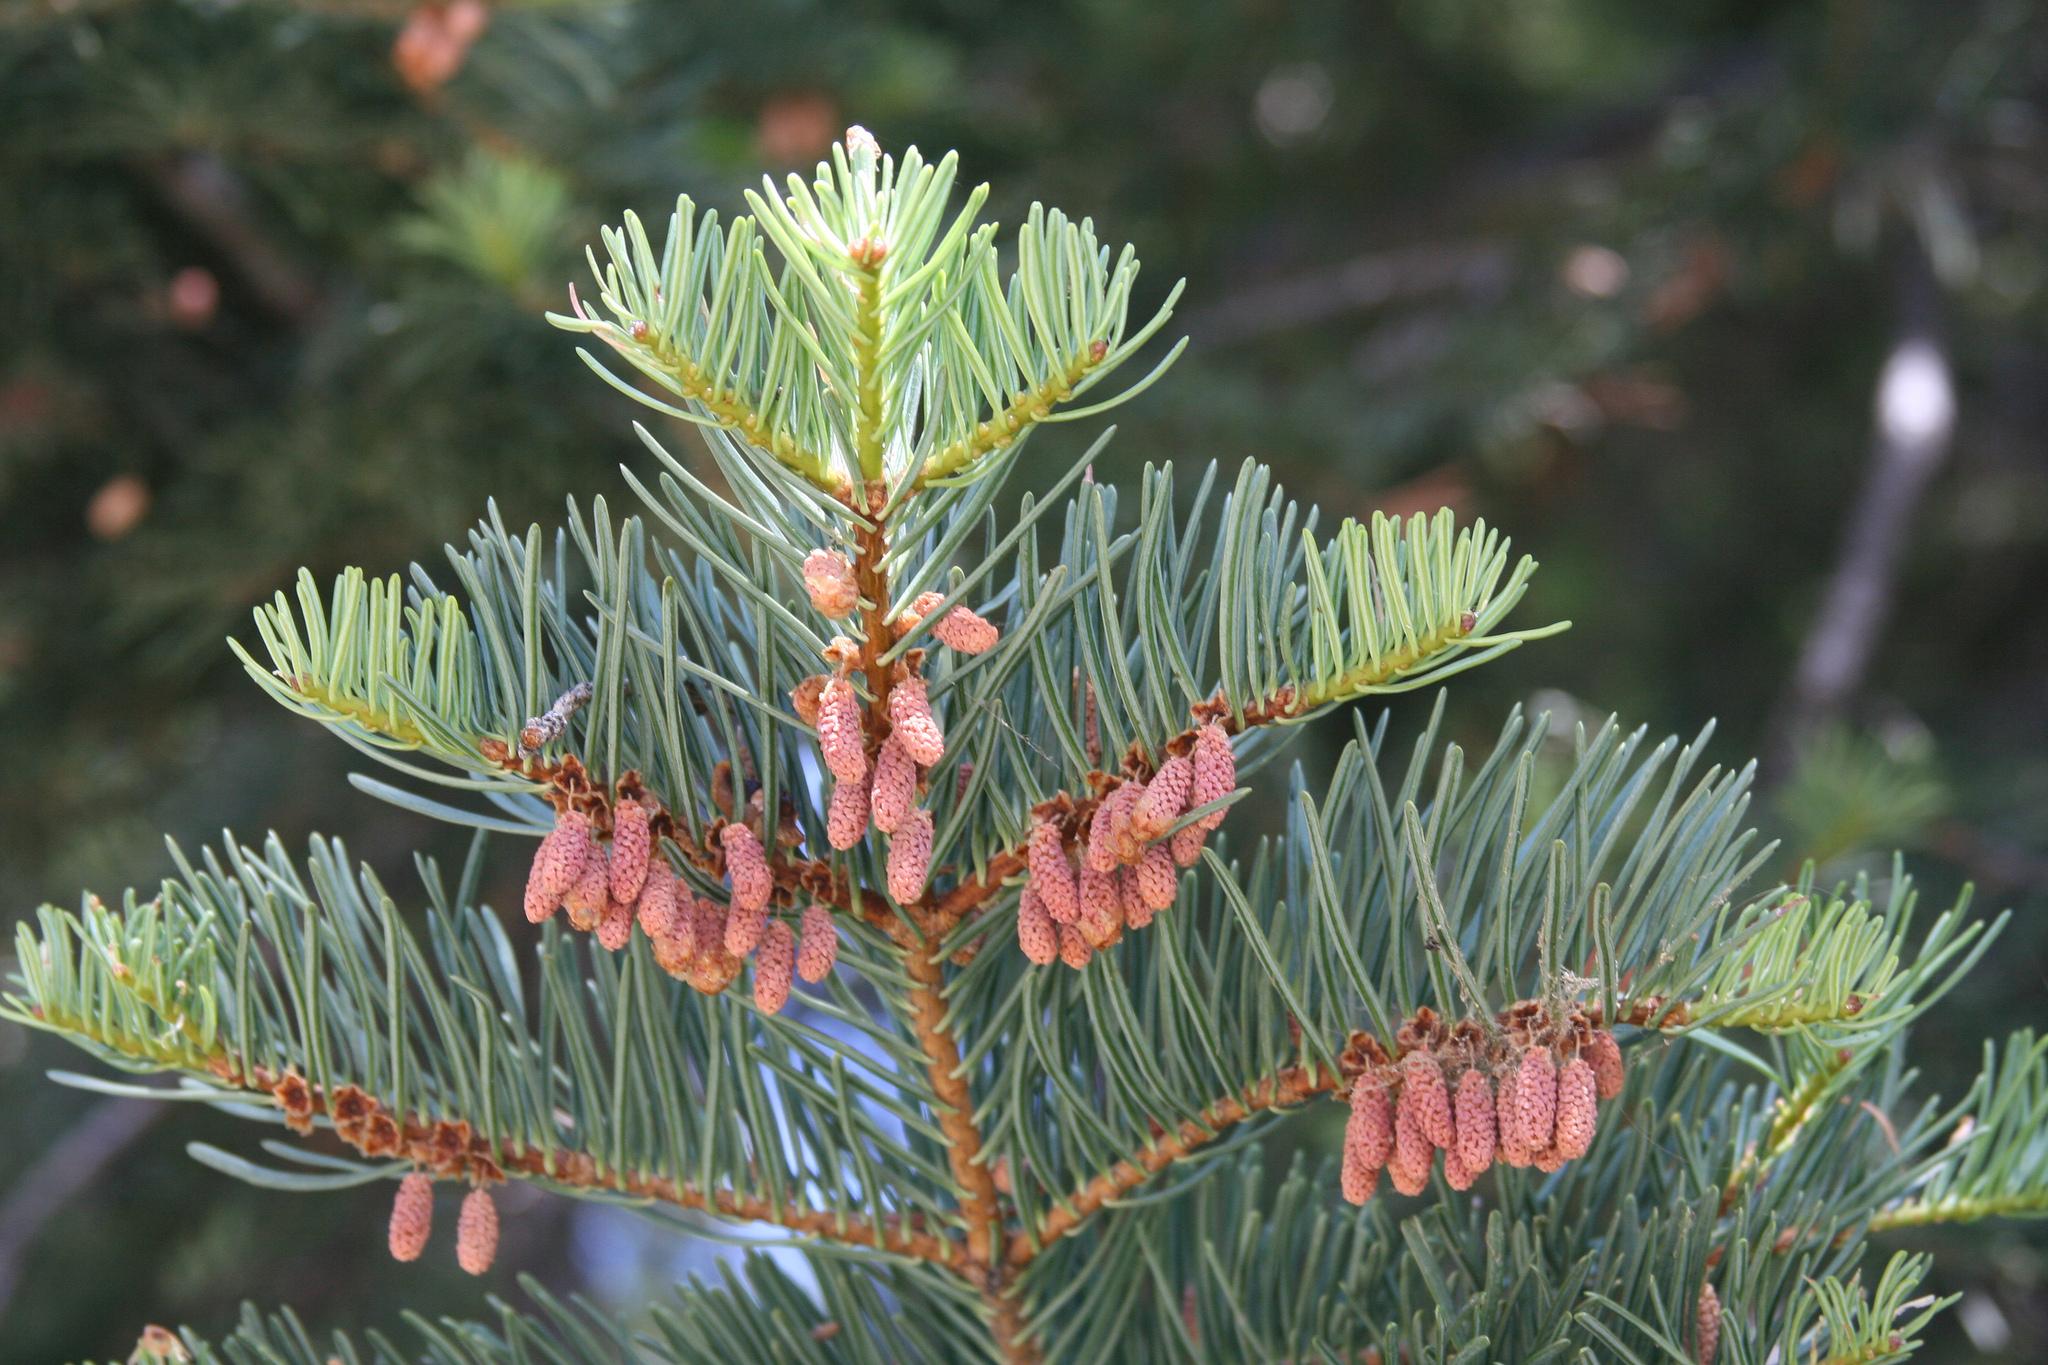 1 Abies concolor. Autor, Brian Bollman